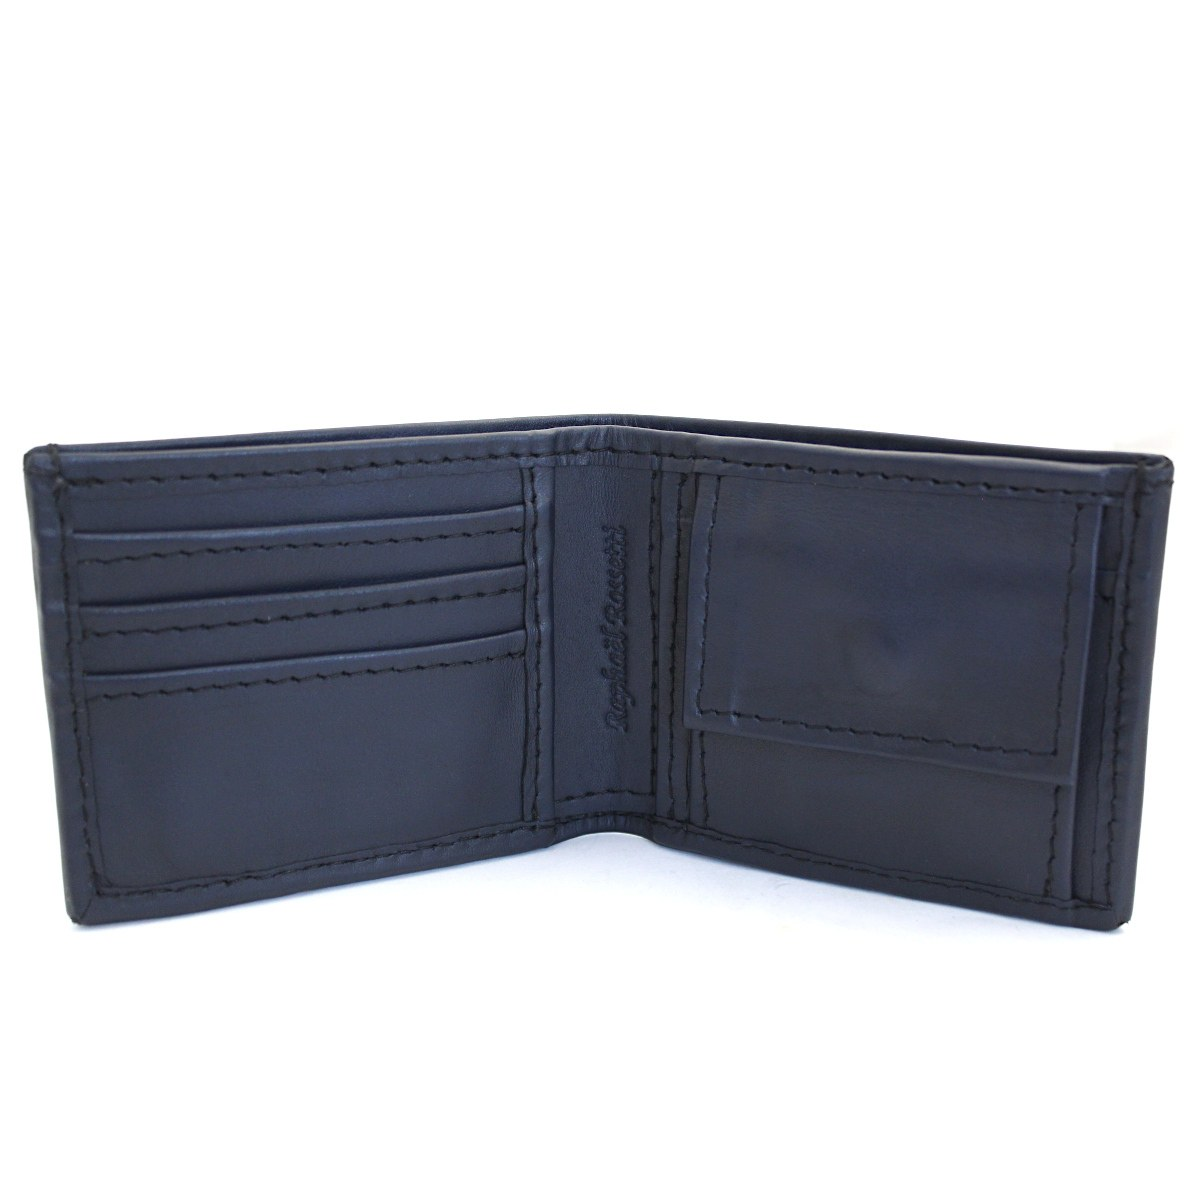 естествена кожа мъжки портфейл тъмно син с ластик - карти